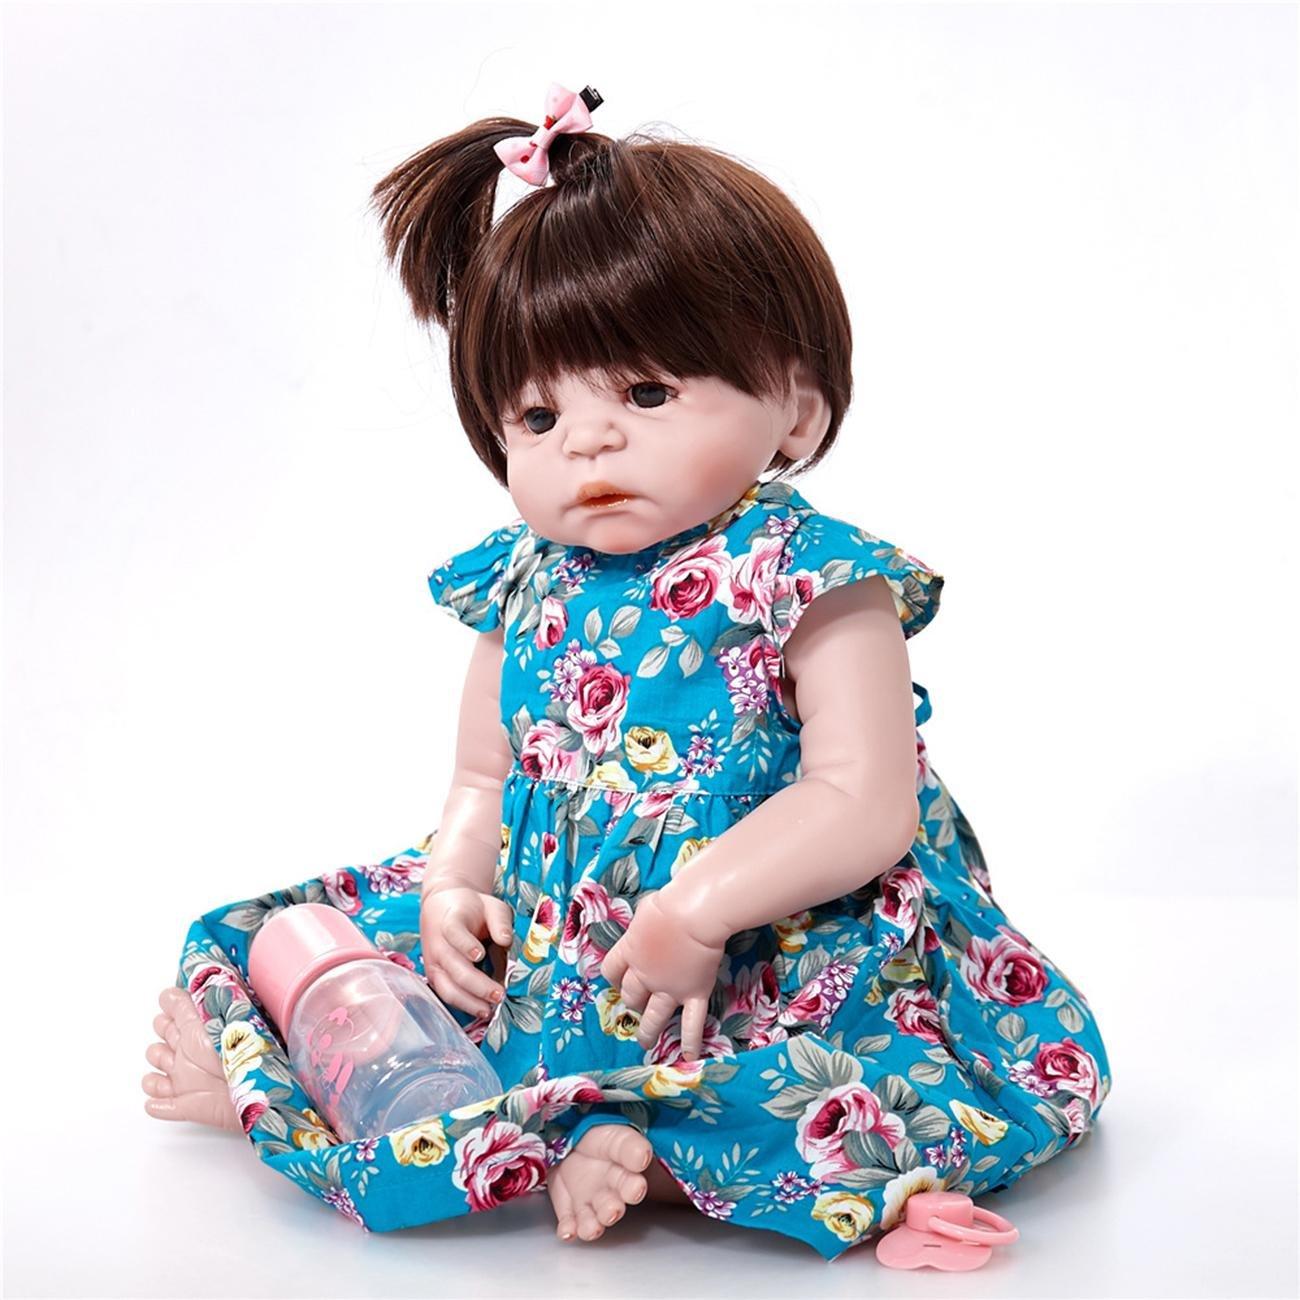 Reborn Puppe Schöne Baby Silikon Geschenk Frühe Bildung Neugeborene Babys Vorschulkind Geschenk Spielzeug als Kinder Playmates Geburtstagsgeschenk , C